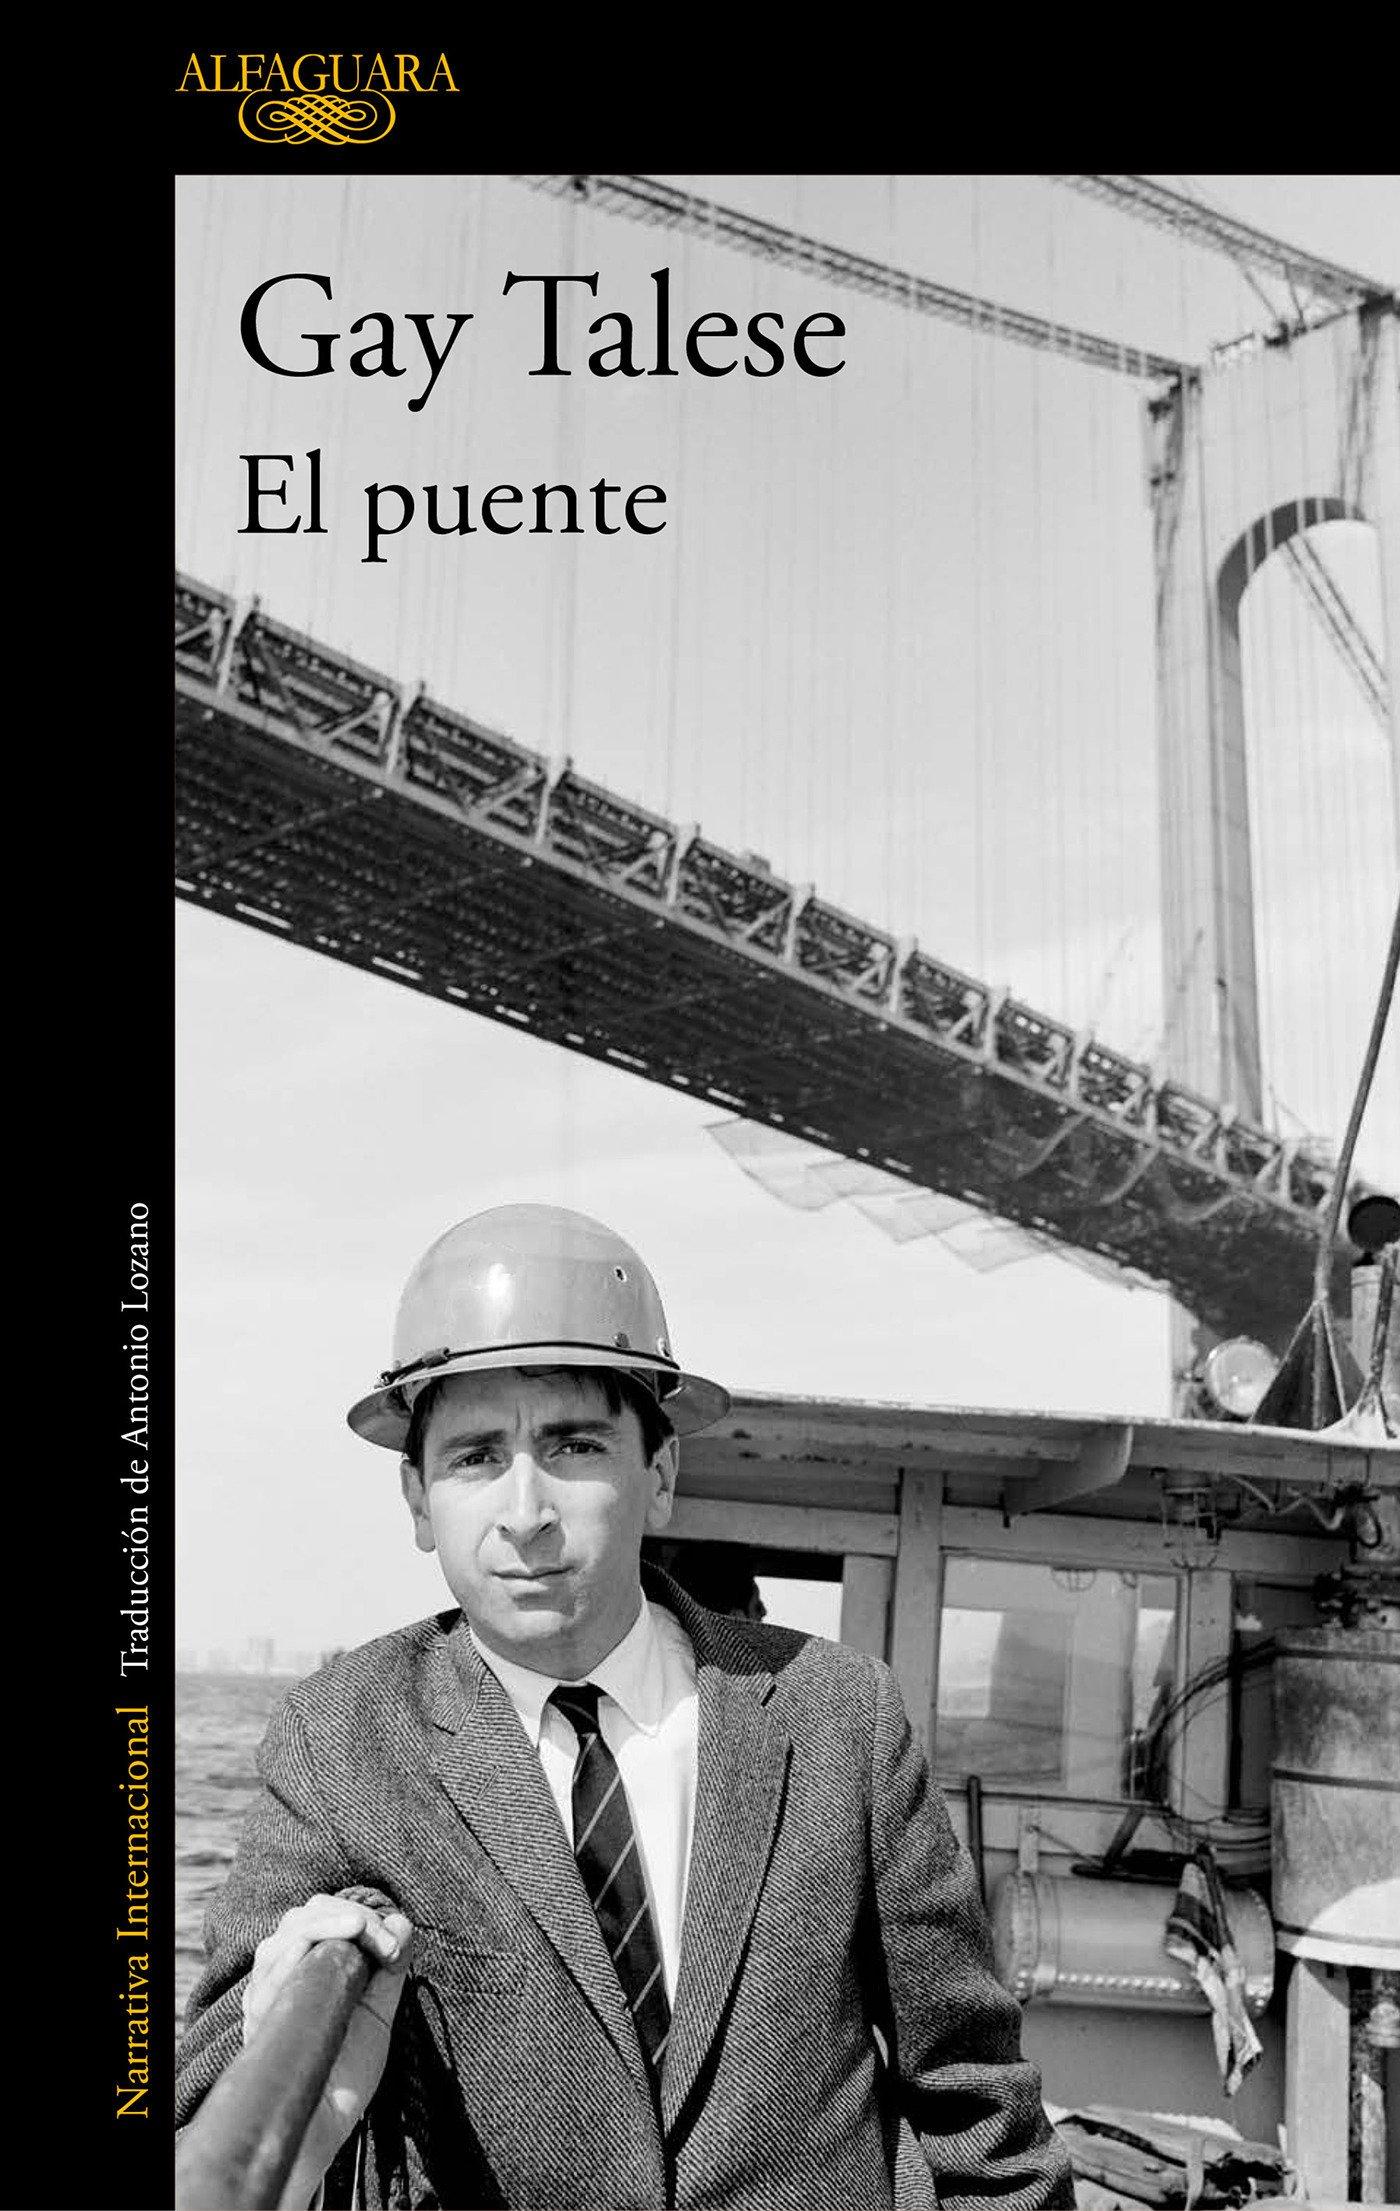 El puente (LITERATURAS) Tapa blanda – 15 feb 2018 Gay Talese ALFAGUARA 8420430692 New York (State) - New York